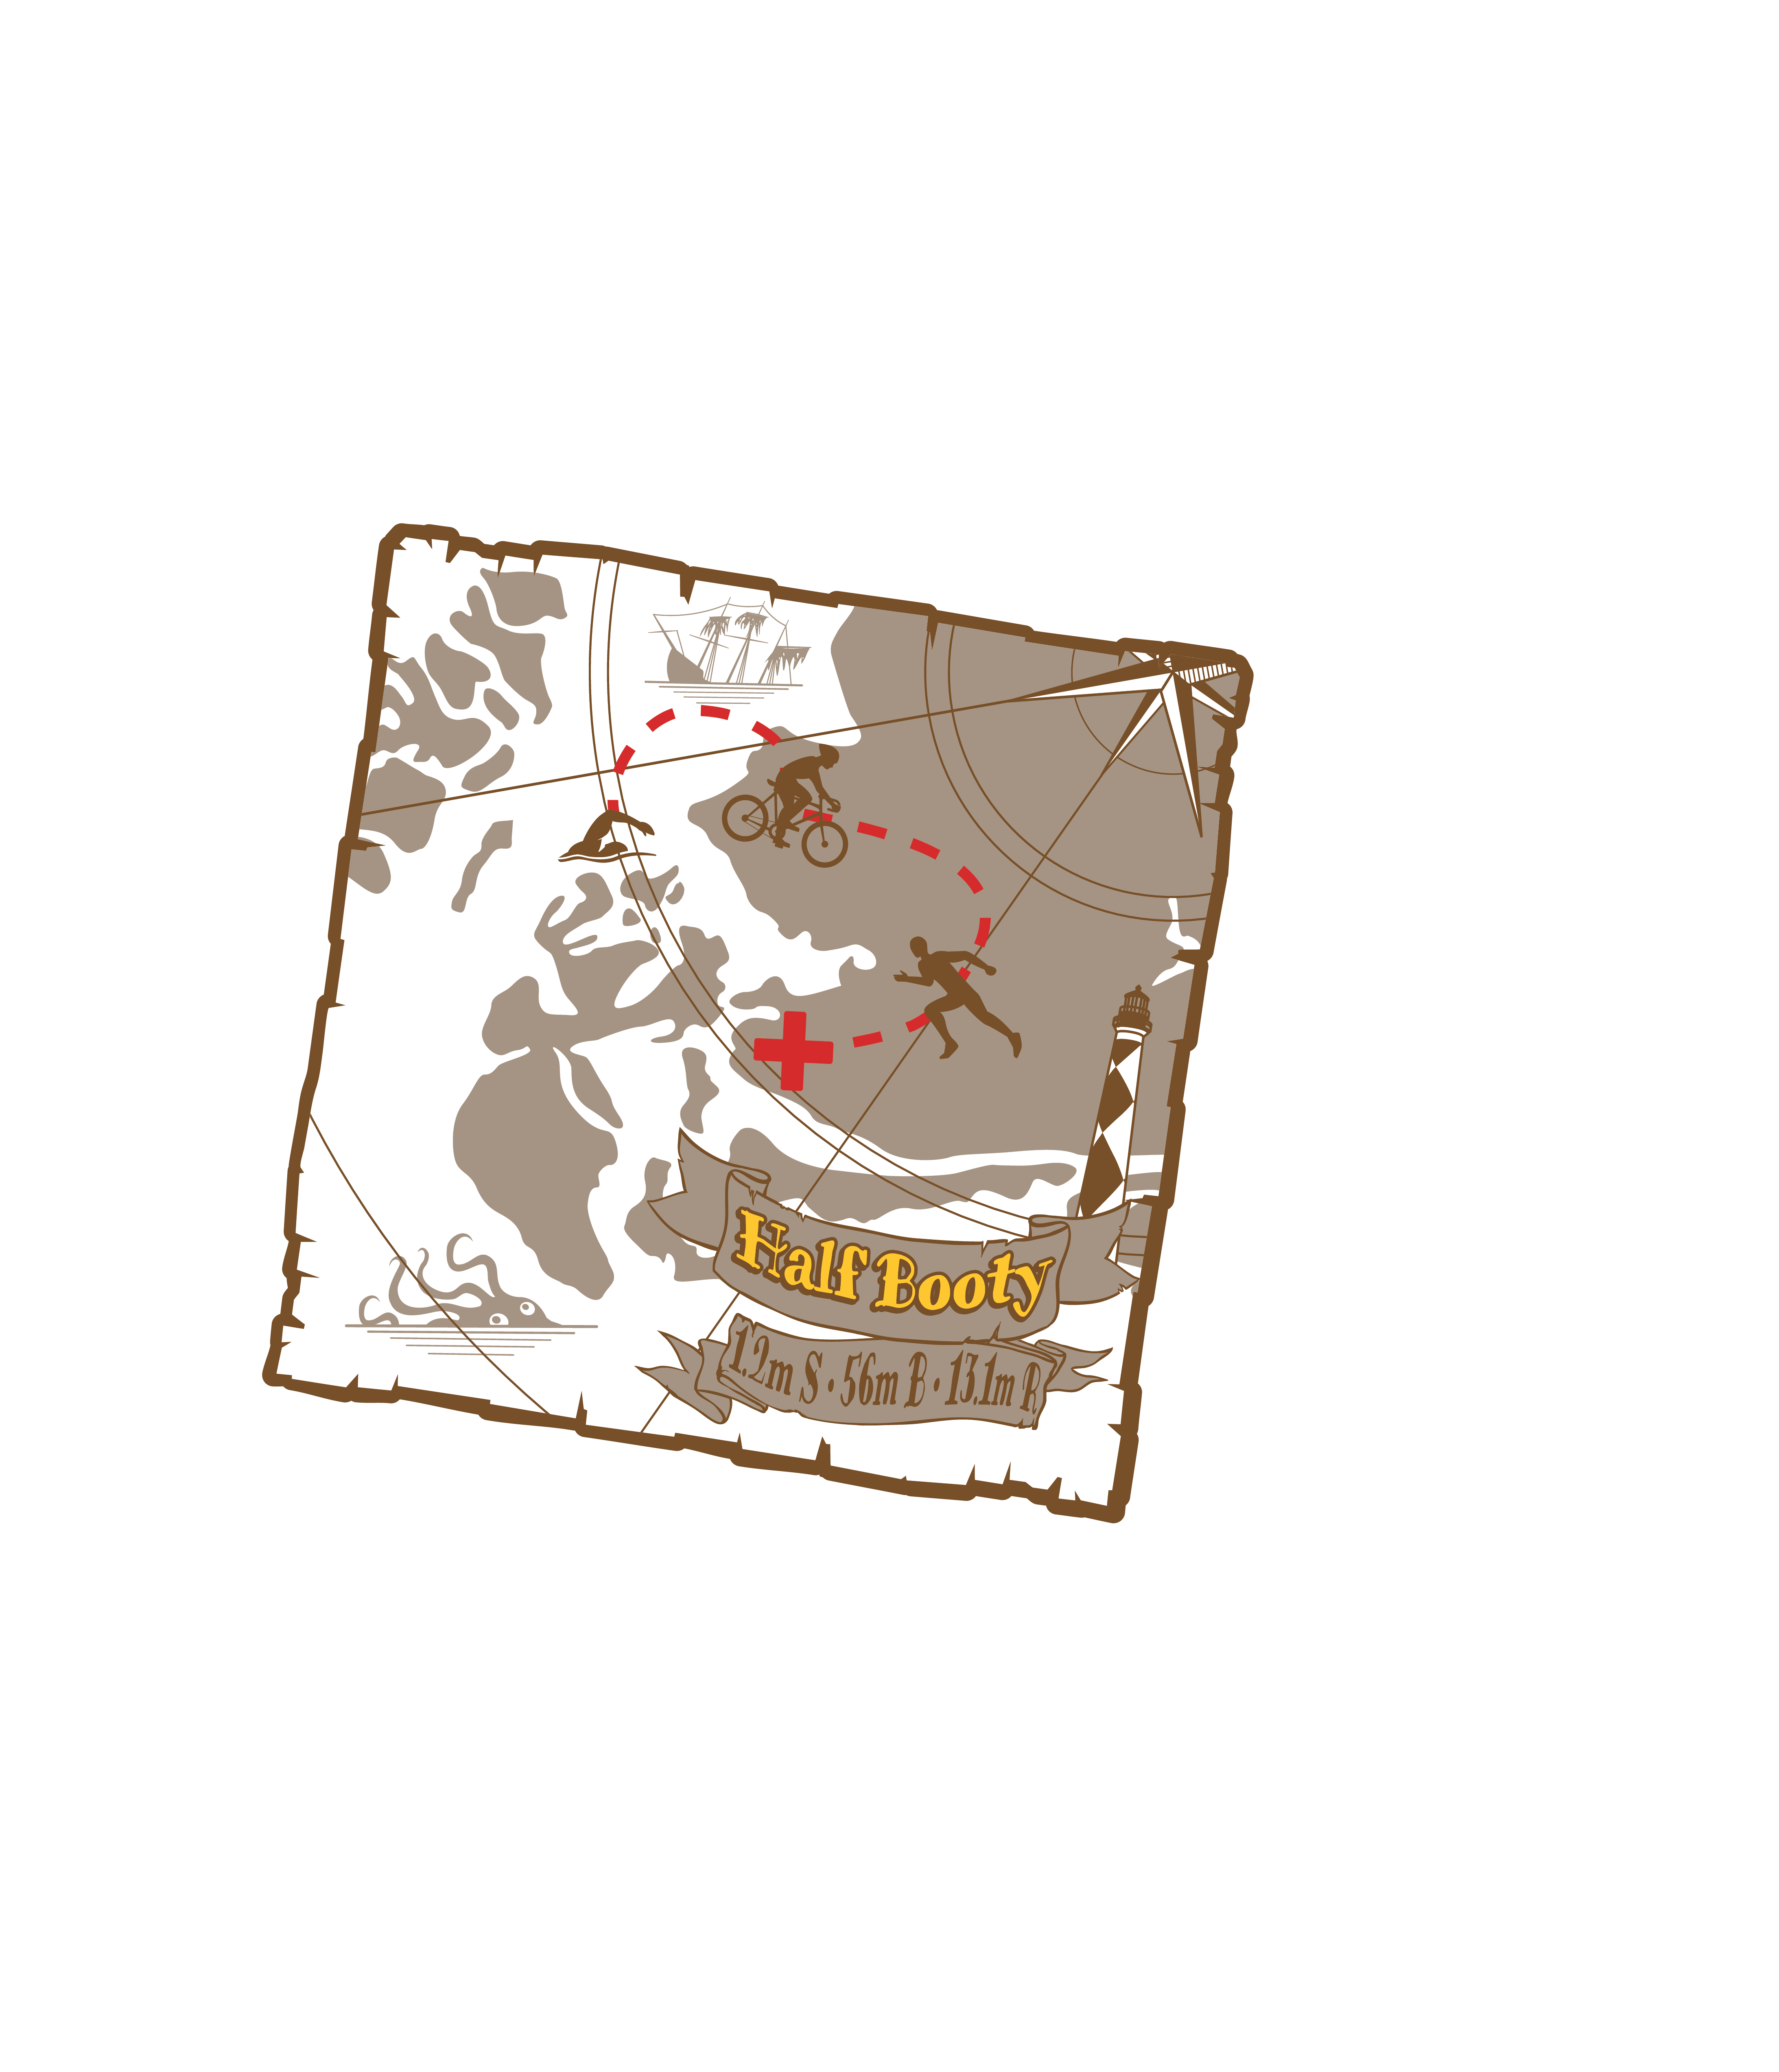 Crystal Coast Full and Half Booty Triathlon